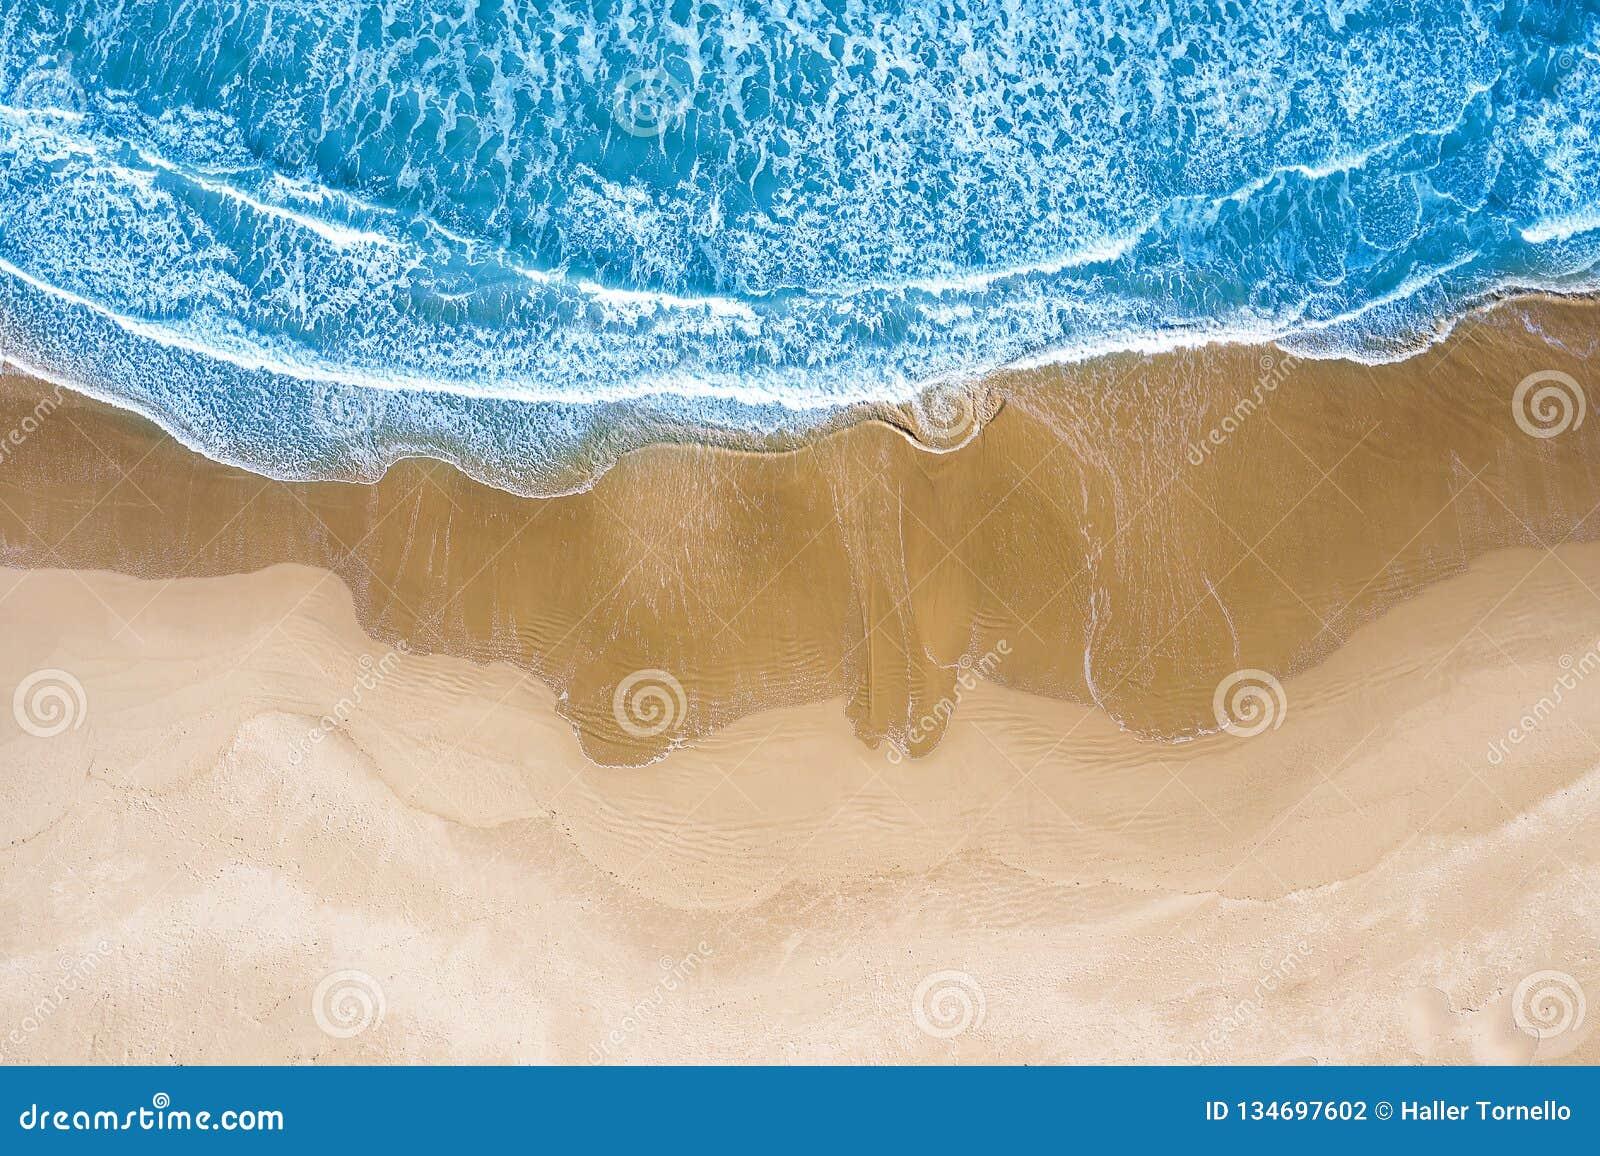 Голубое море на пляже увиденном сверху